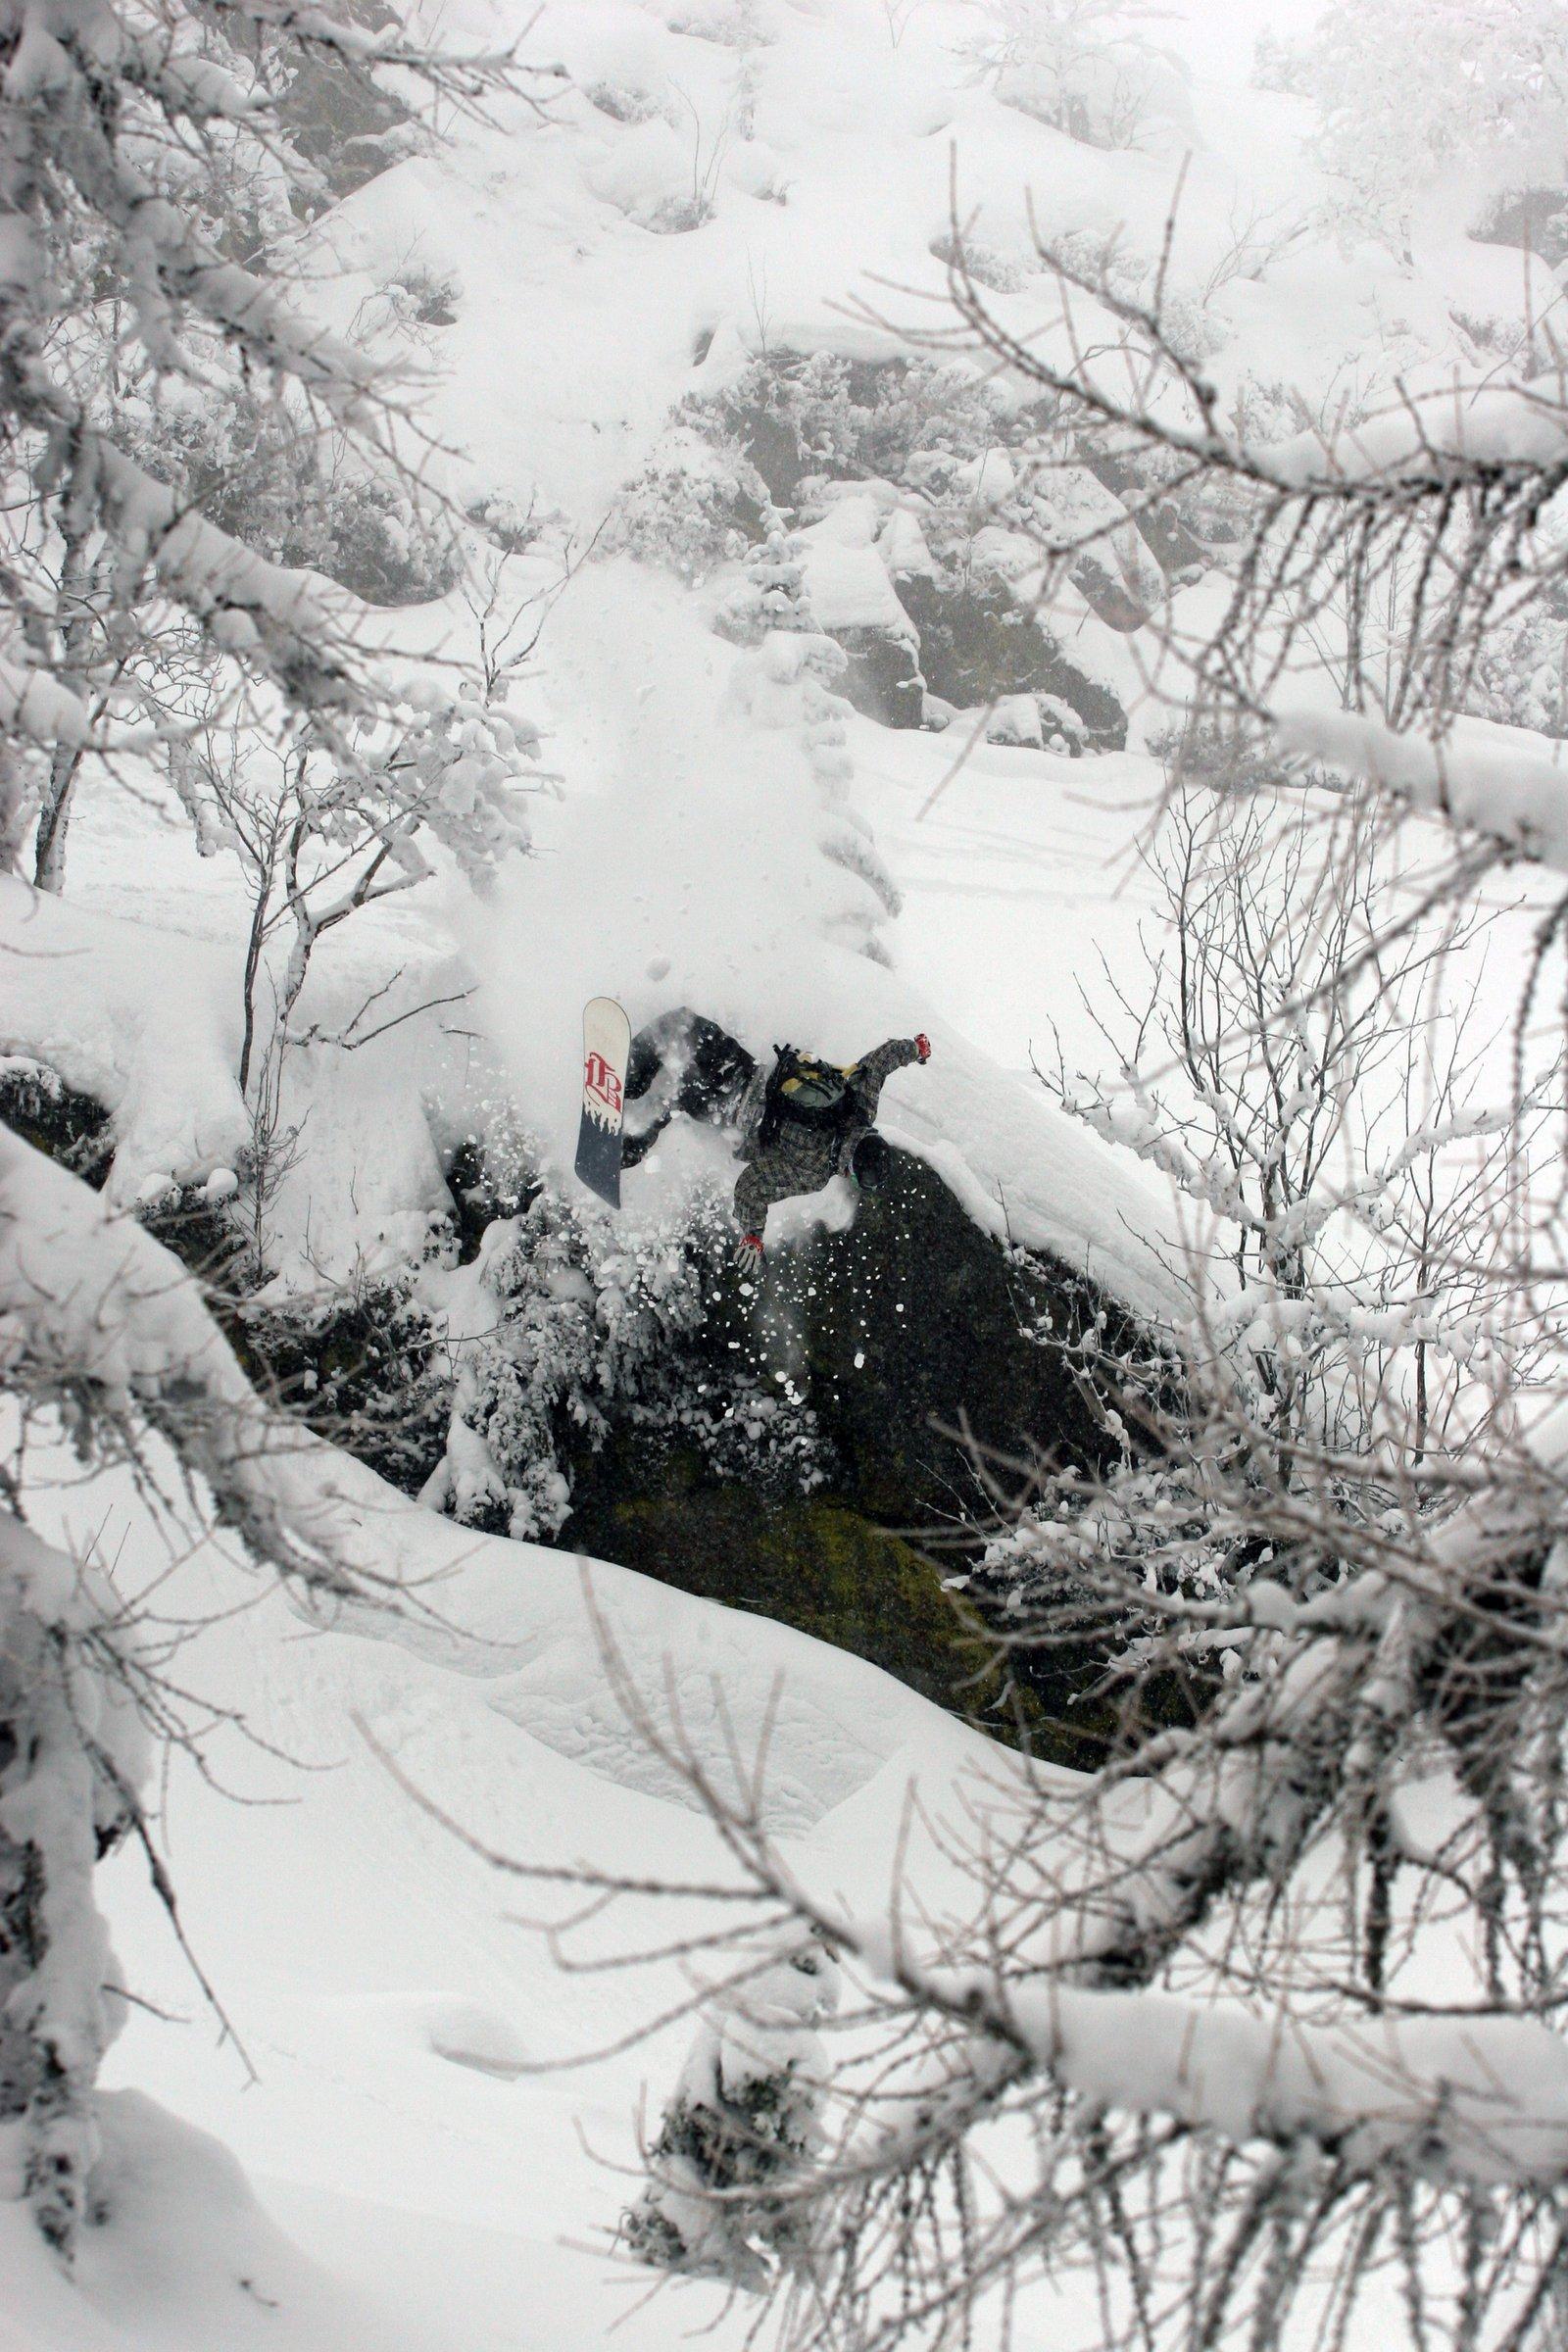 Snowboard sideflip bail